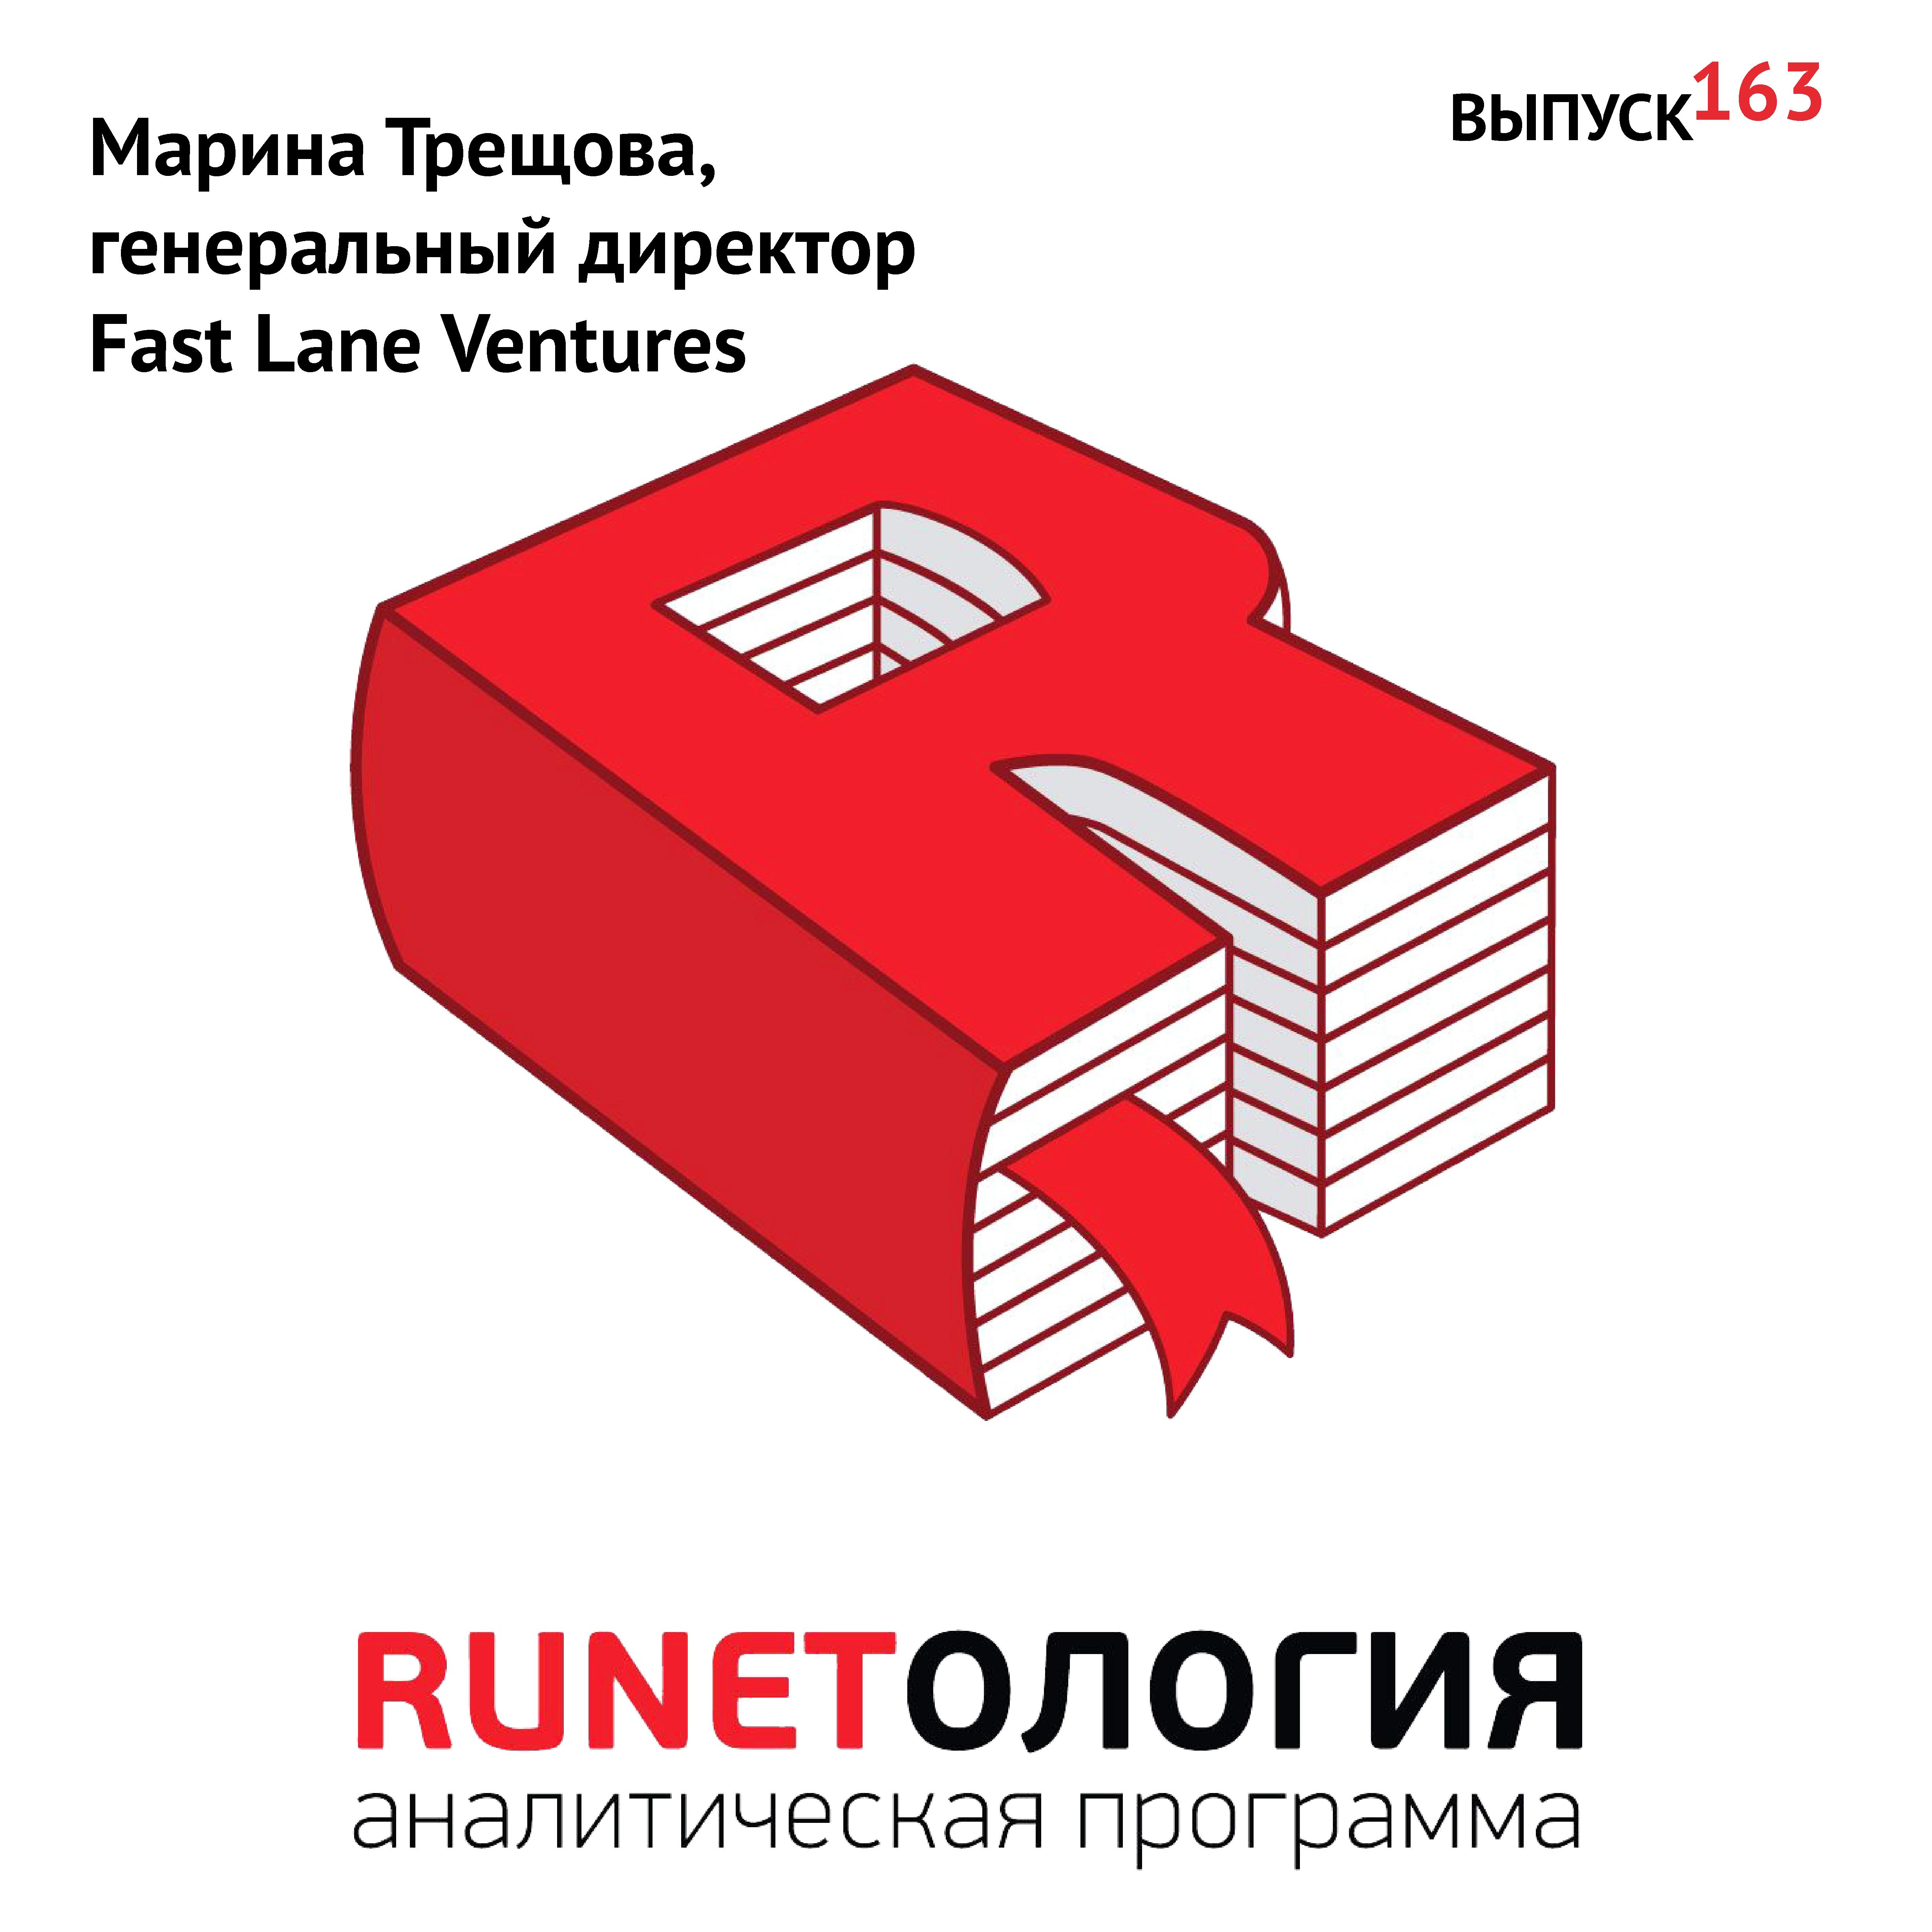 Максим Спиридонов Марина Трещова, генеральный директор Fast Lane Ventures